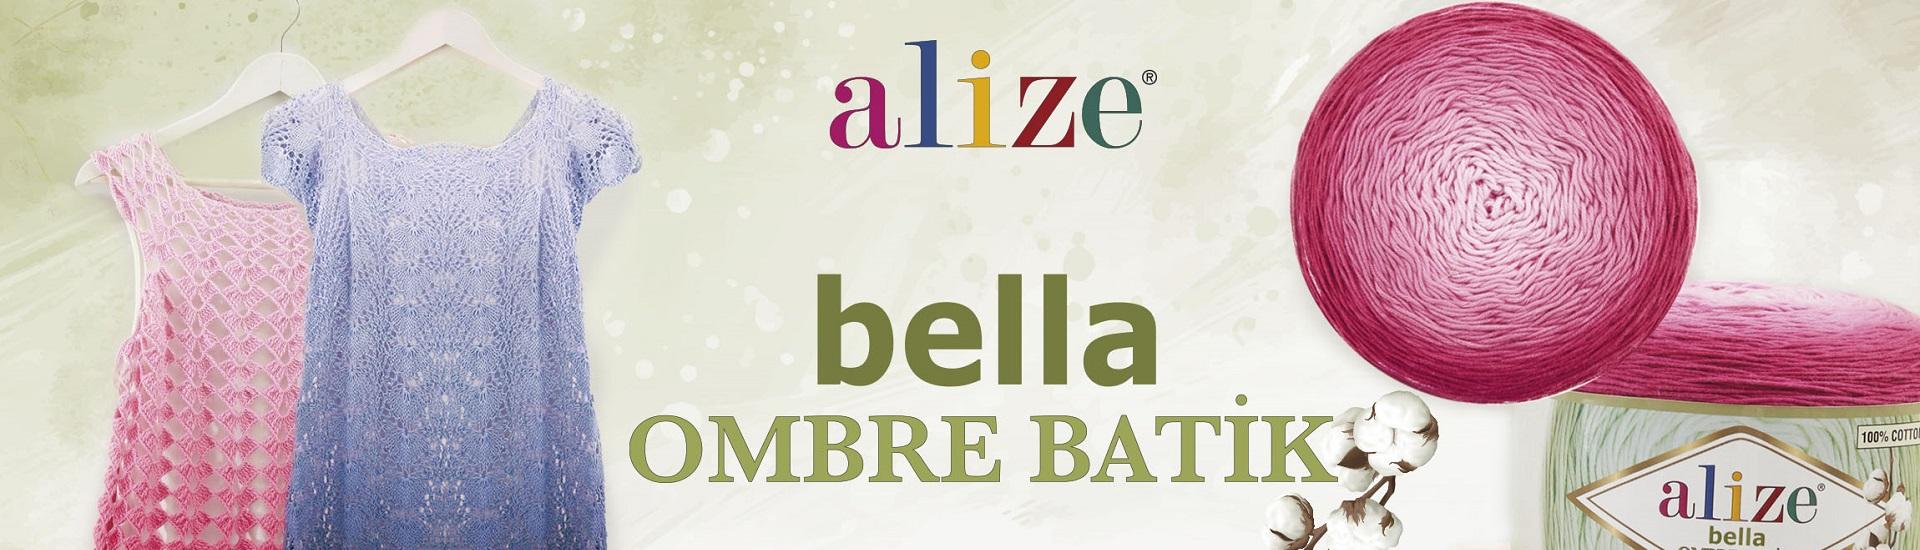 BELLA Ombre Batik